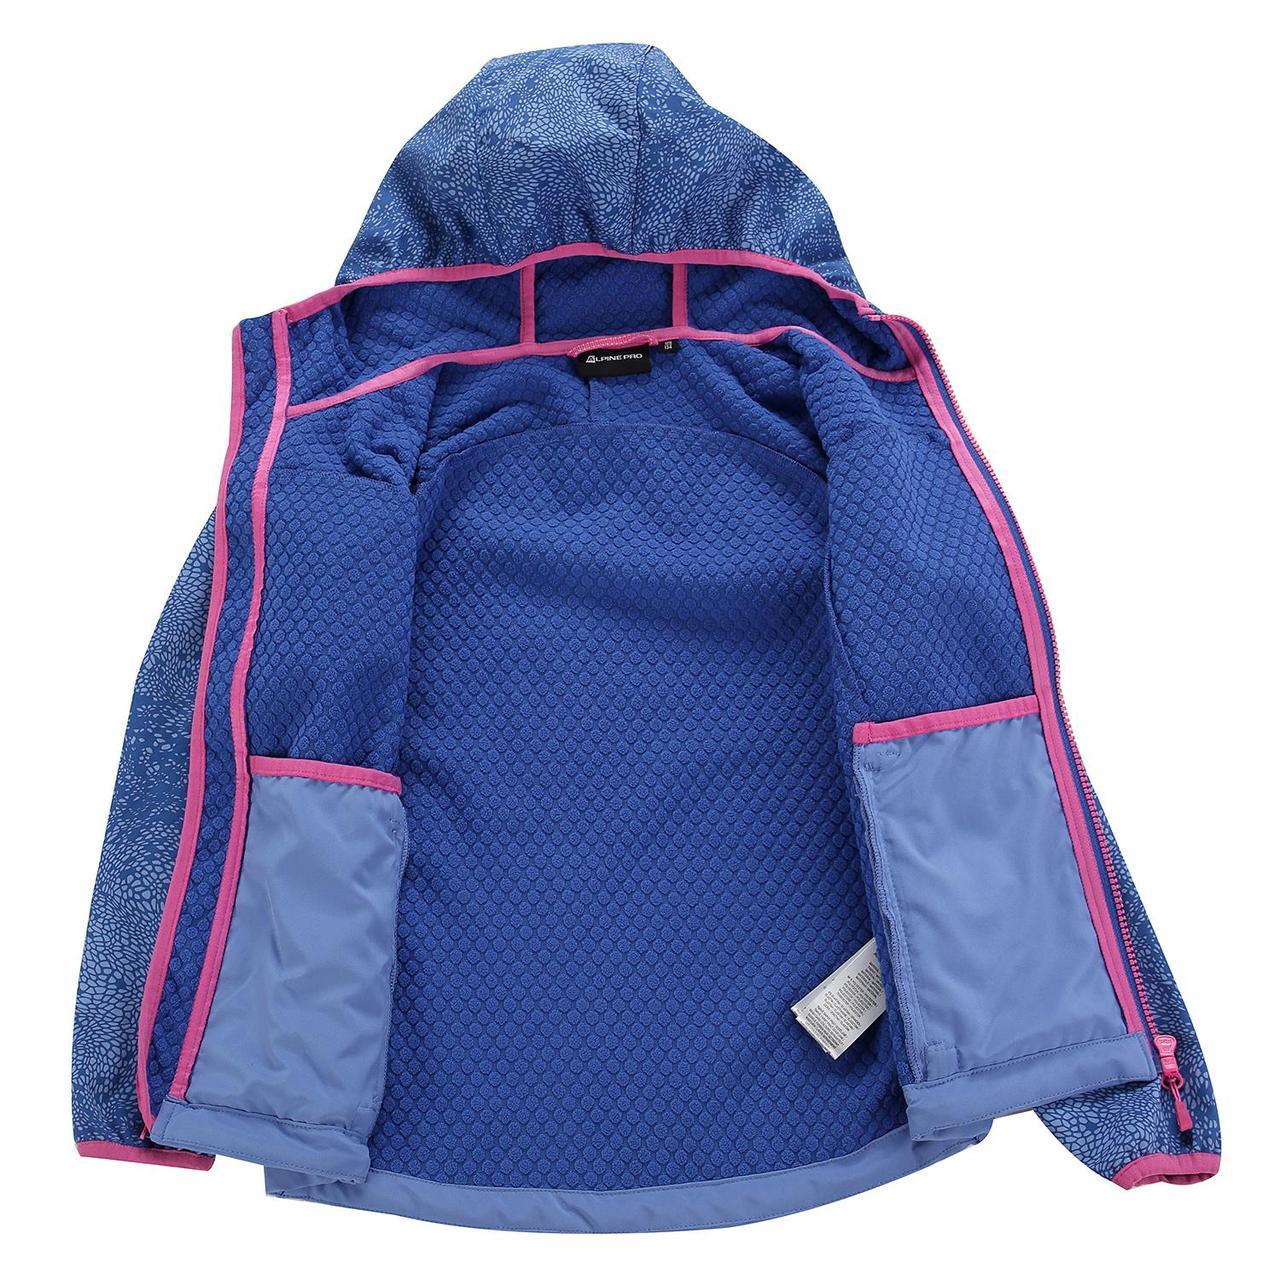 Куртка NOOTKO 8 Фиолетовый, 128-134 - фото 9